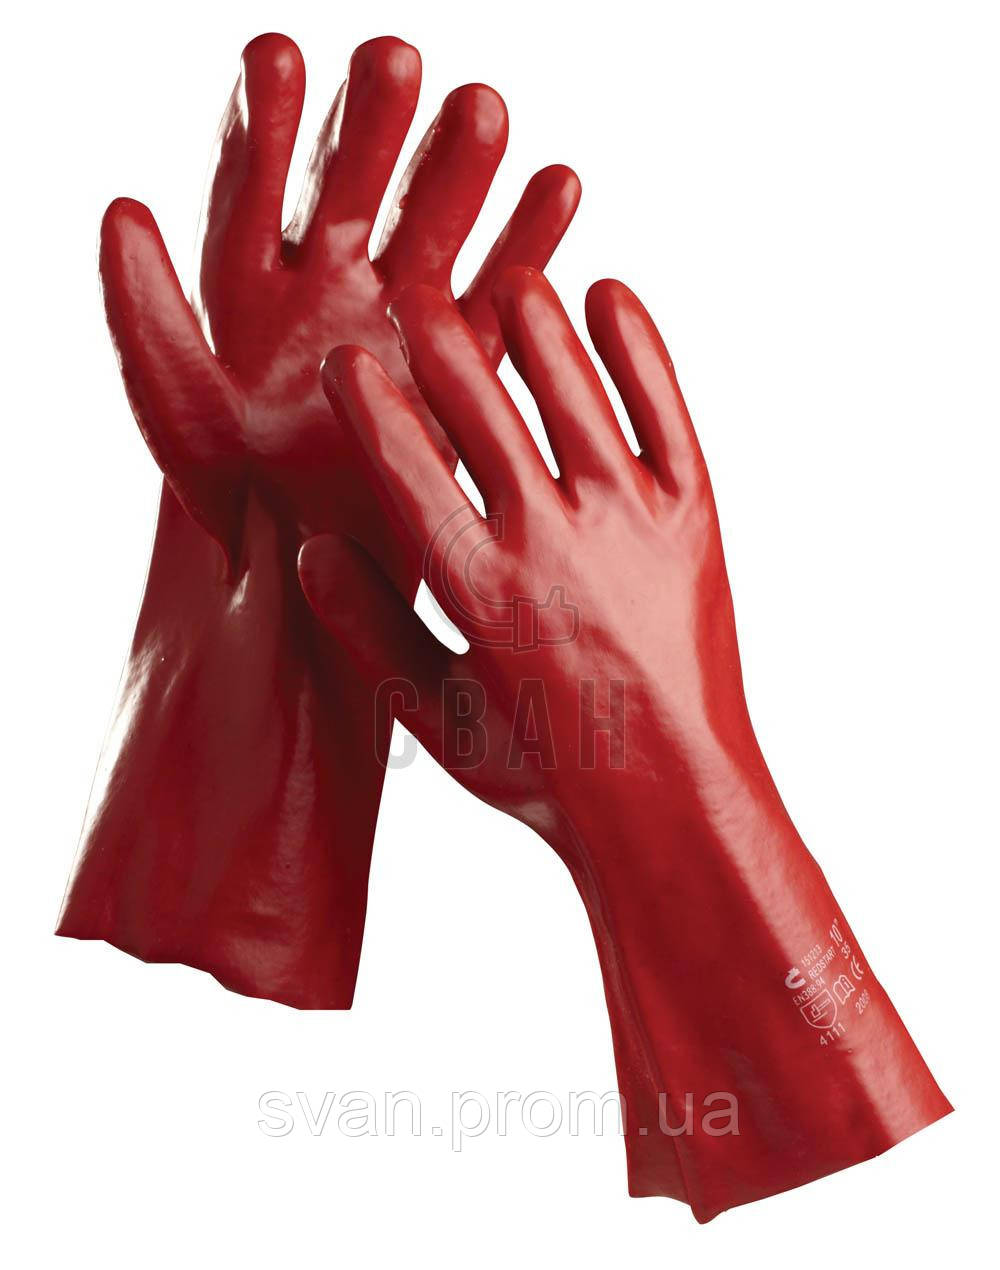 Перчатки хб с покрытием REDSTAR 45 см - СВАН в Харькове